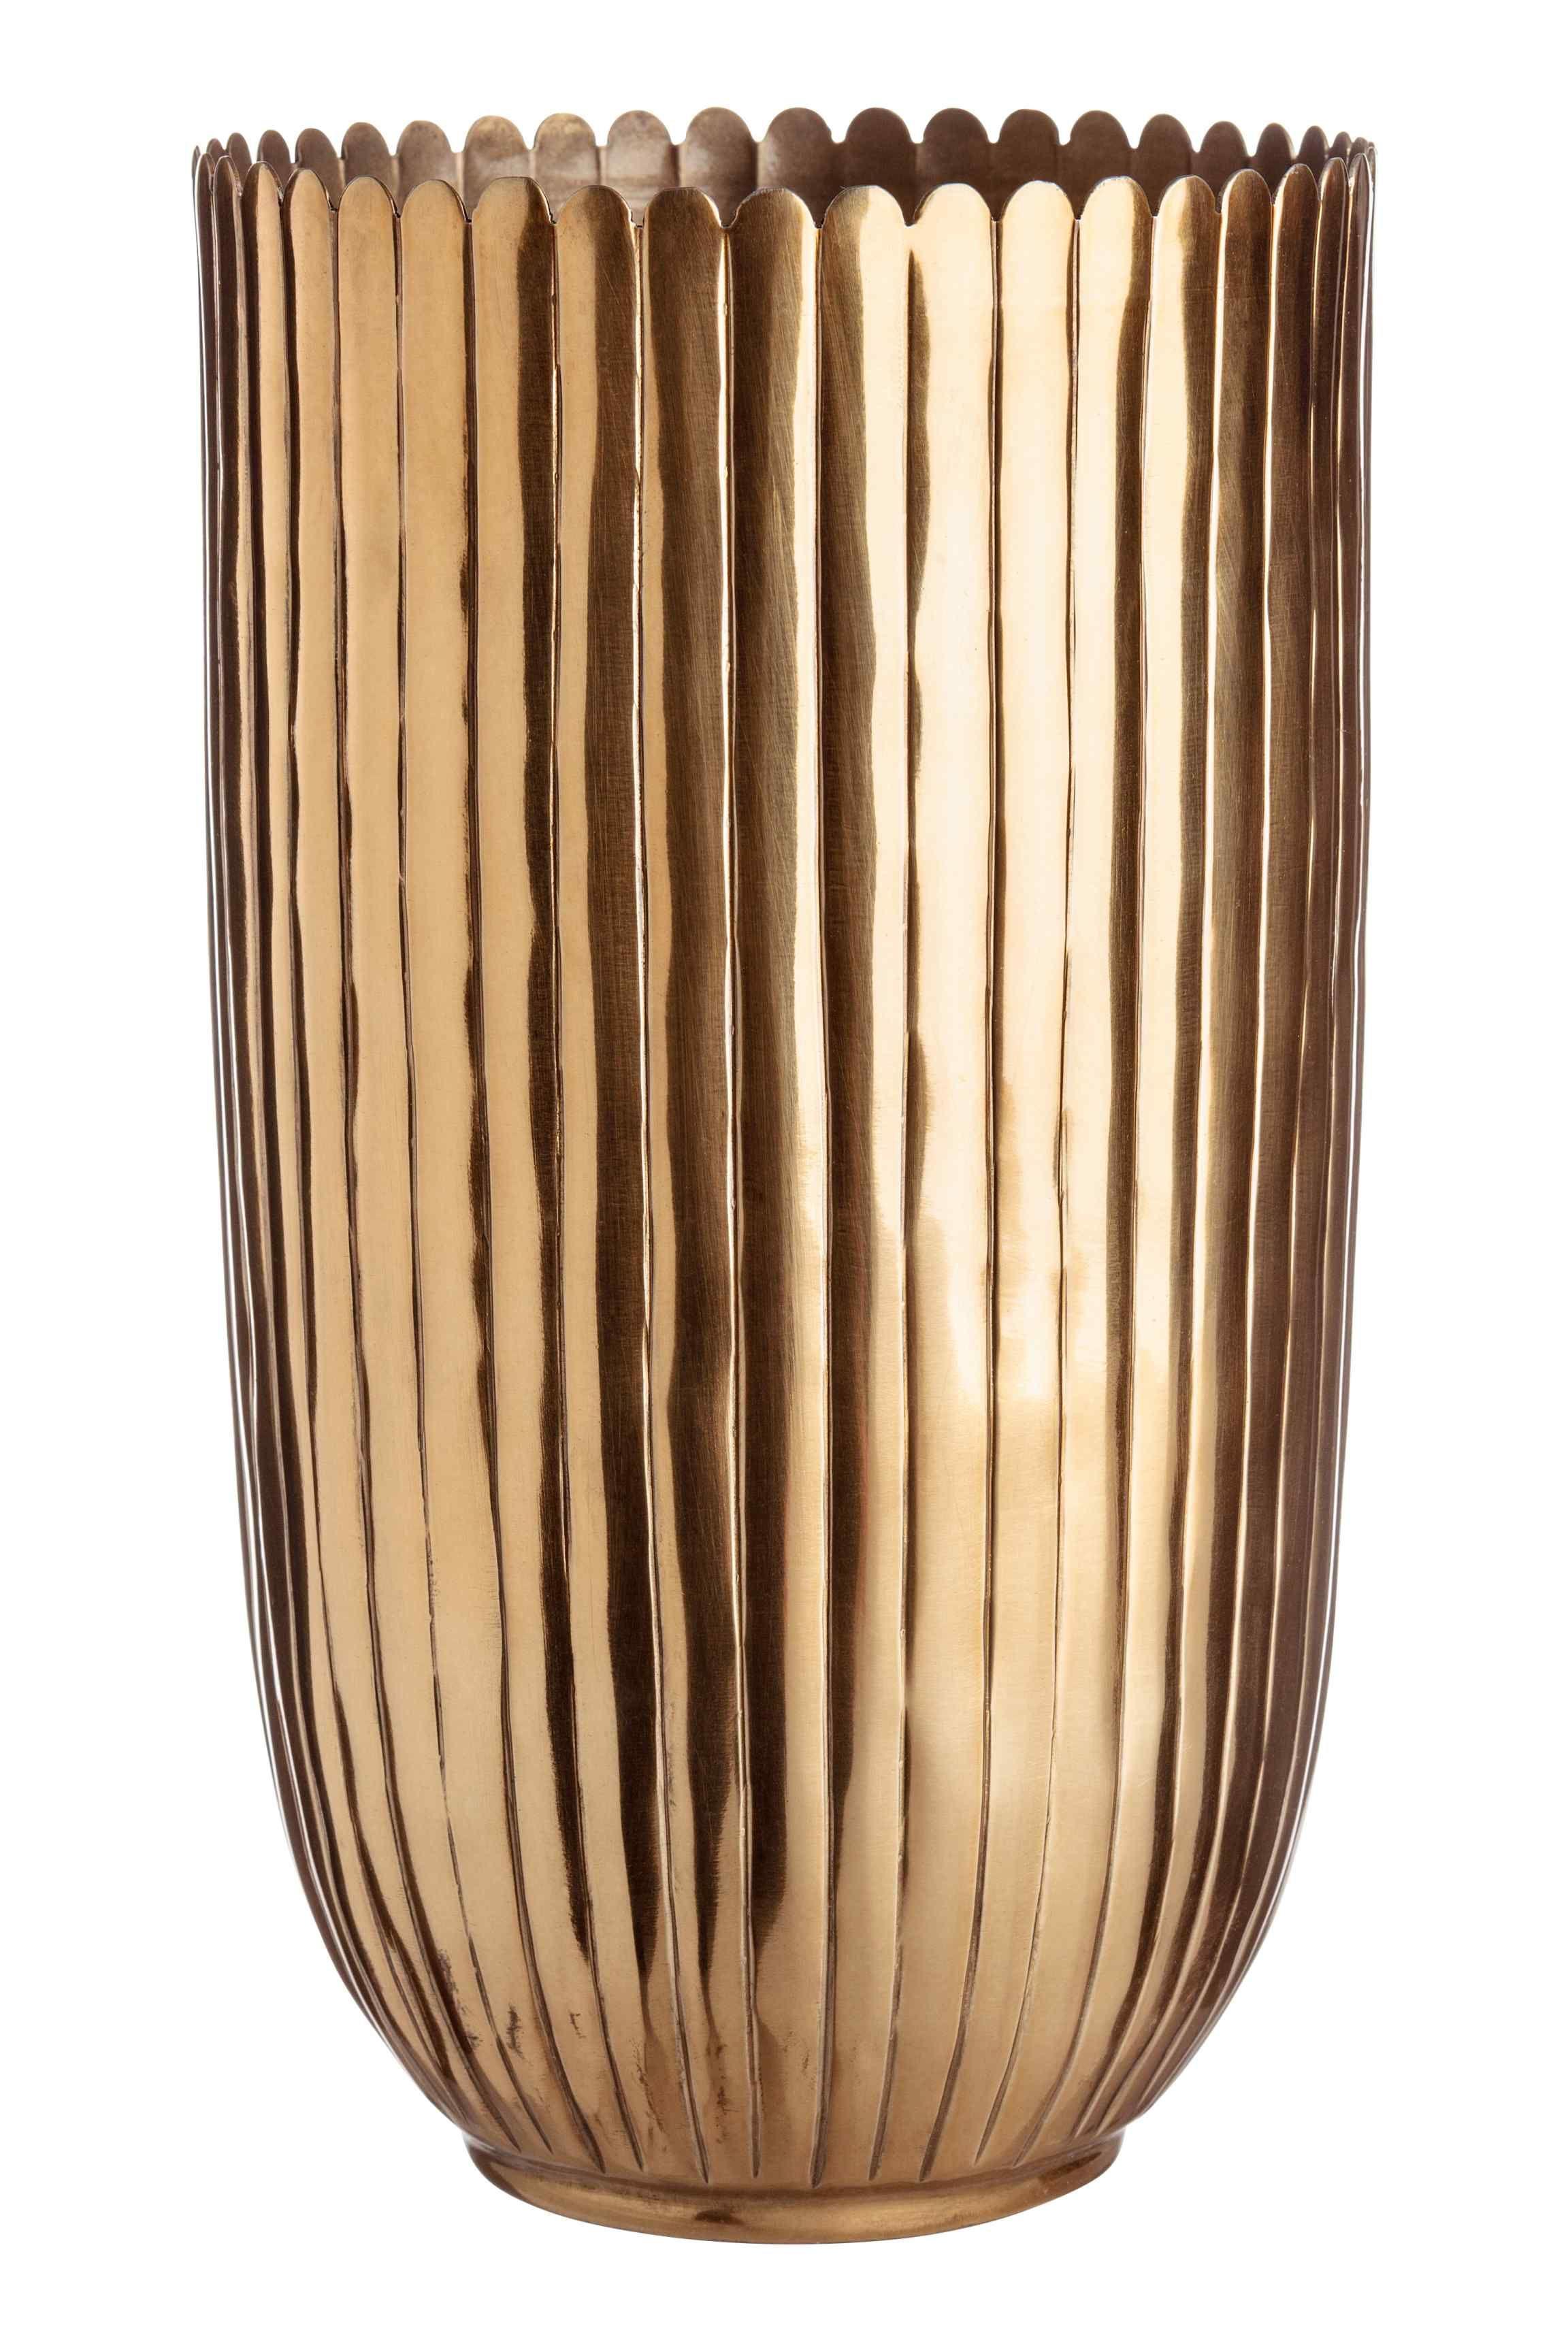 Tall Metal Vase In 2020 Metal Vase H M Home Vase